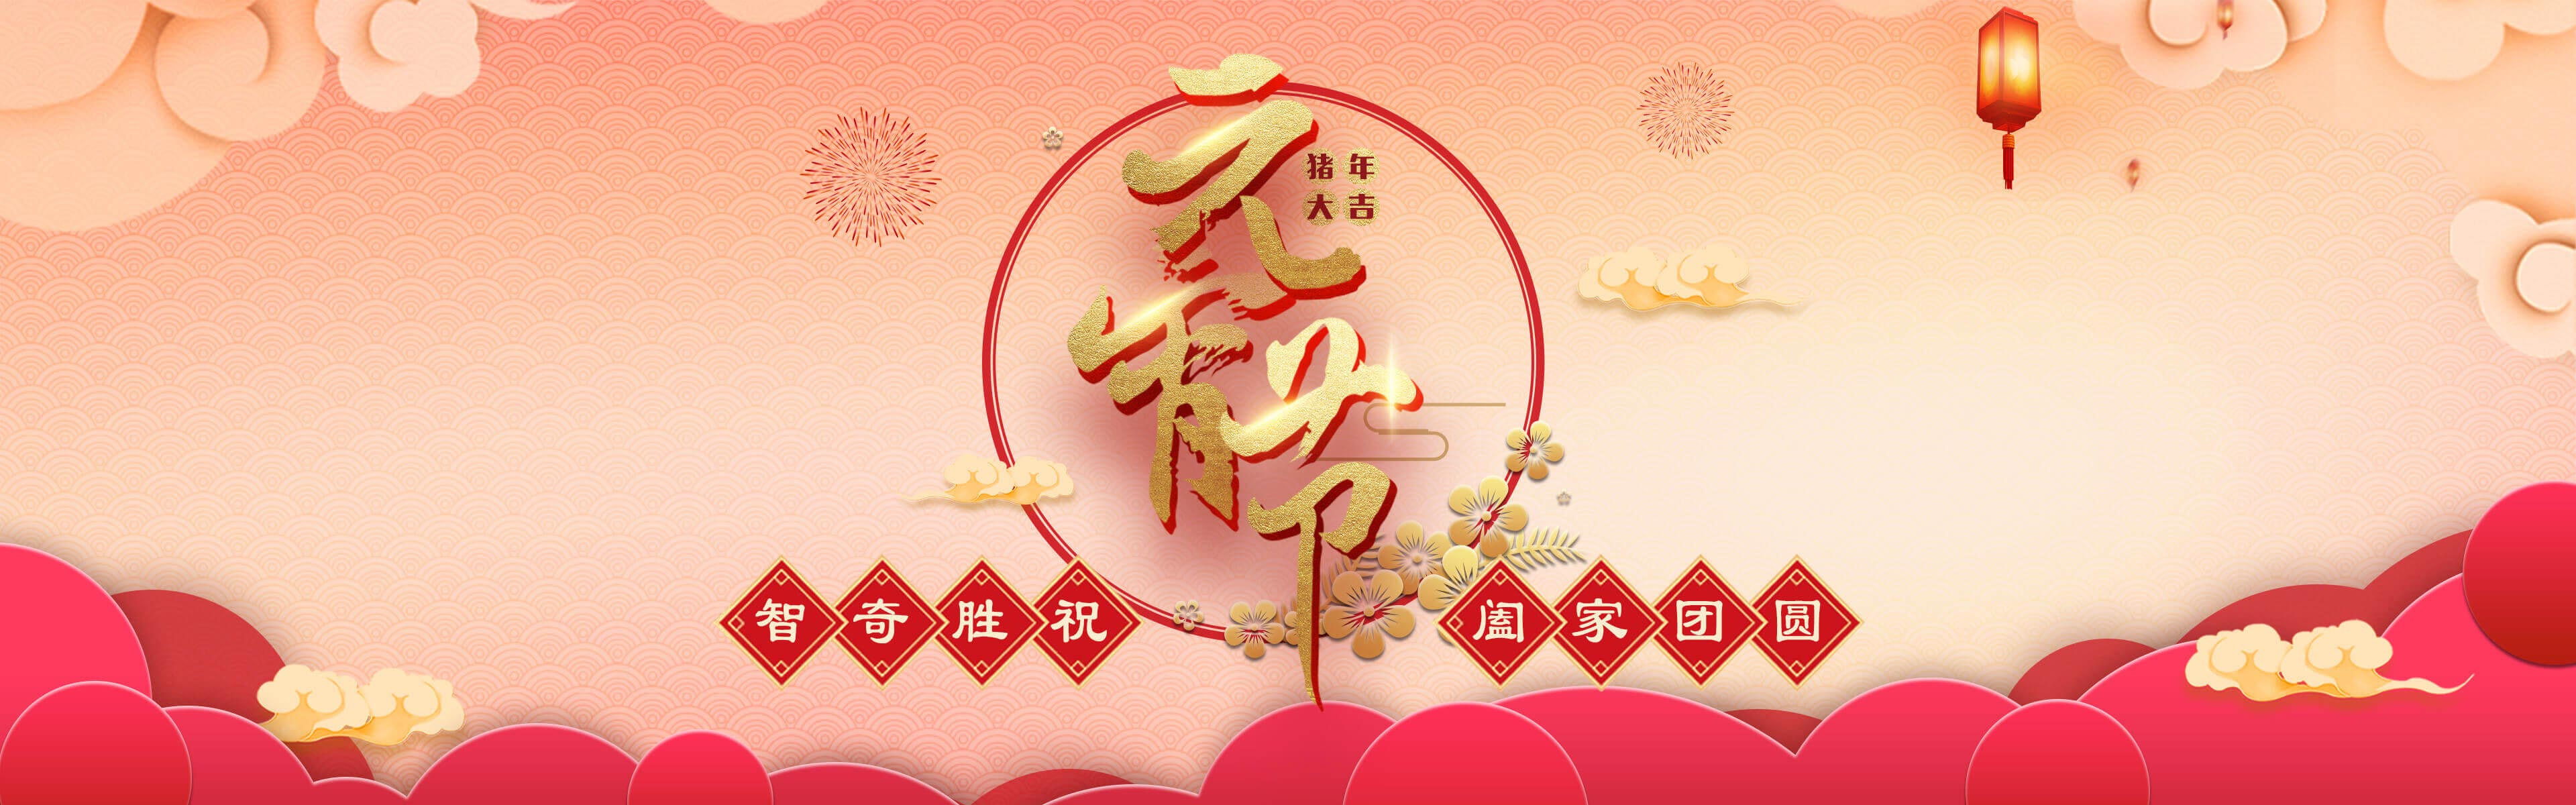 2019元宵节-1200